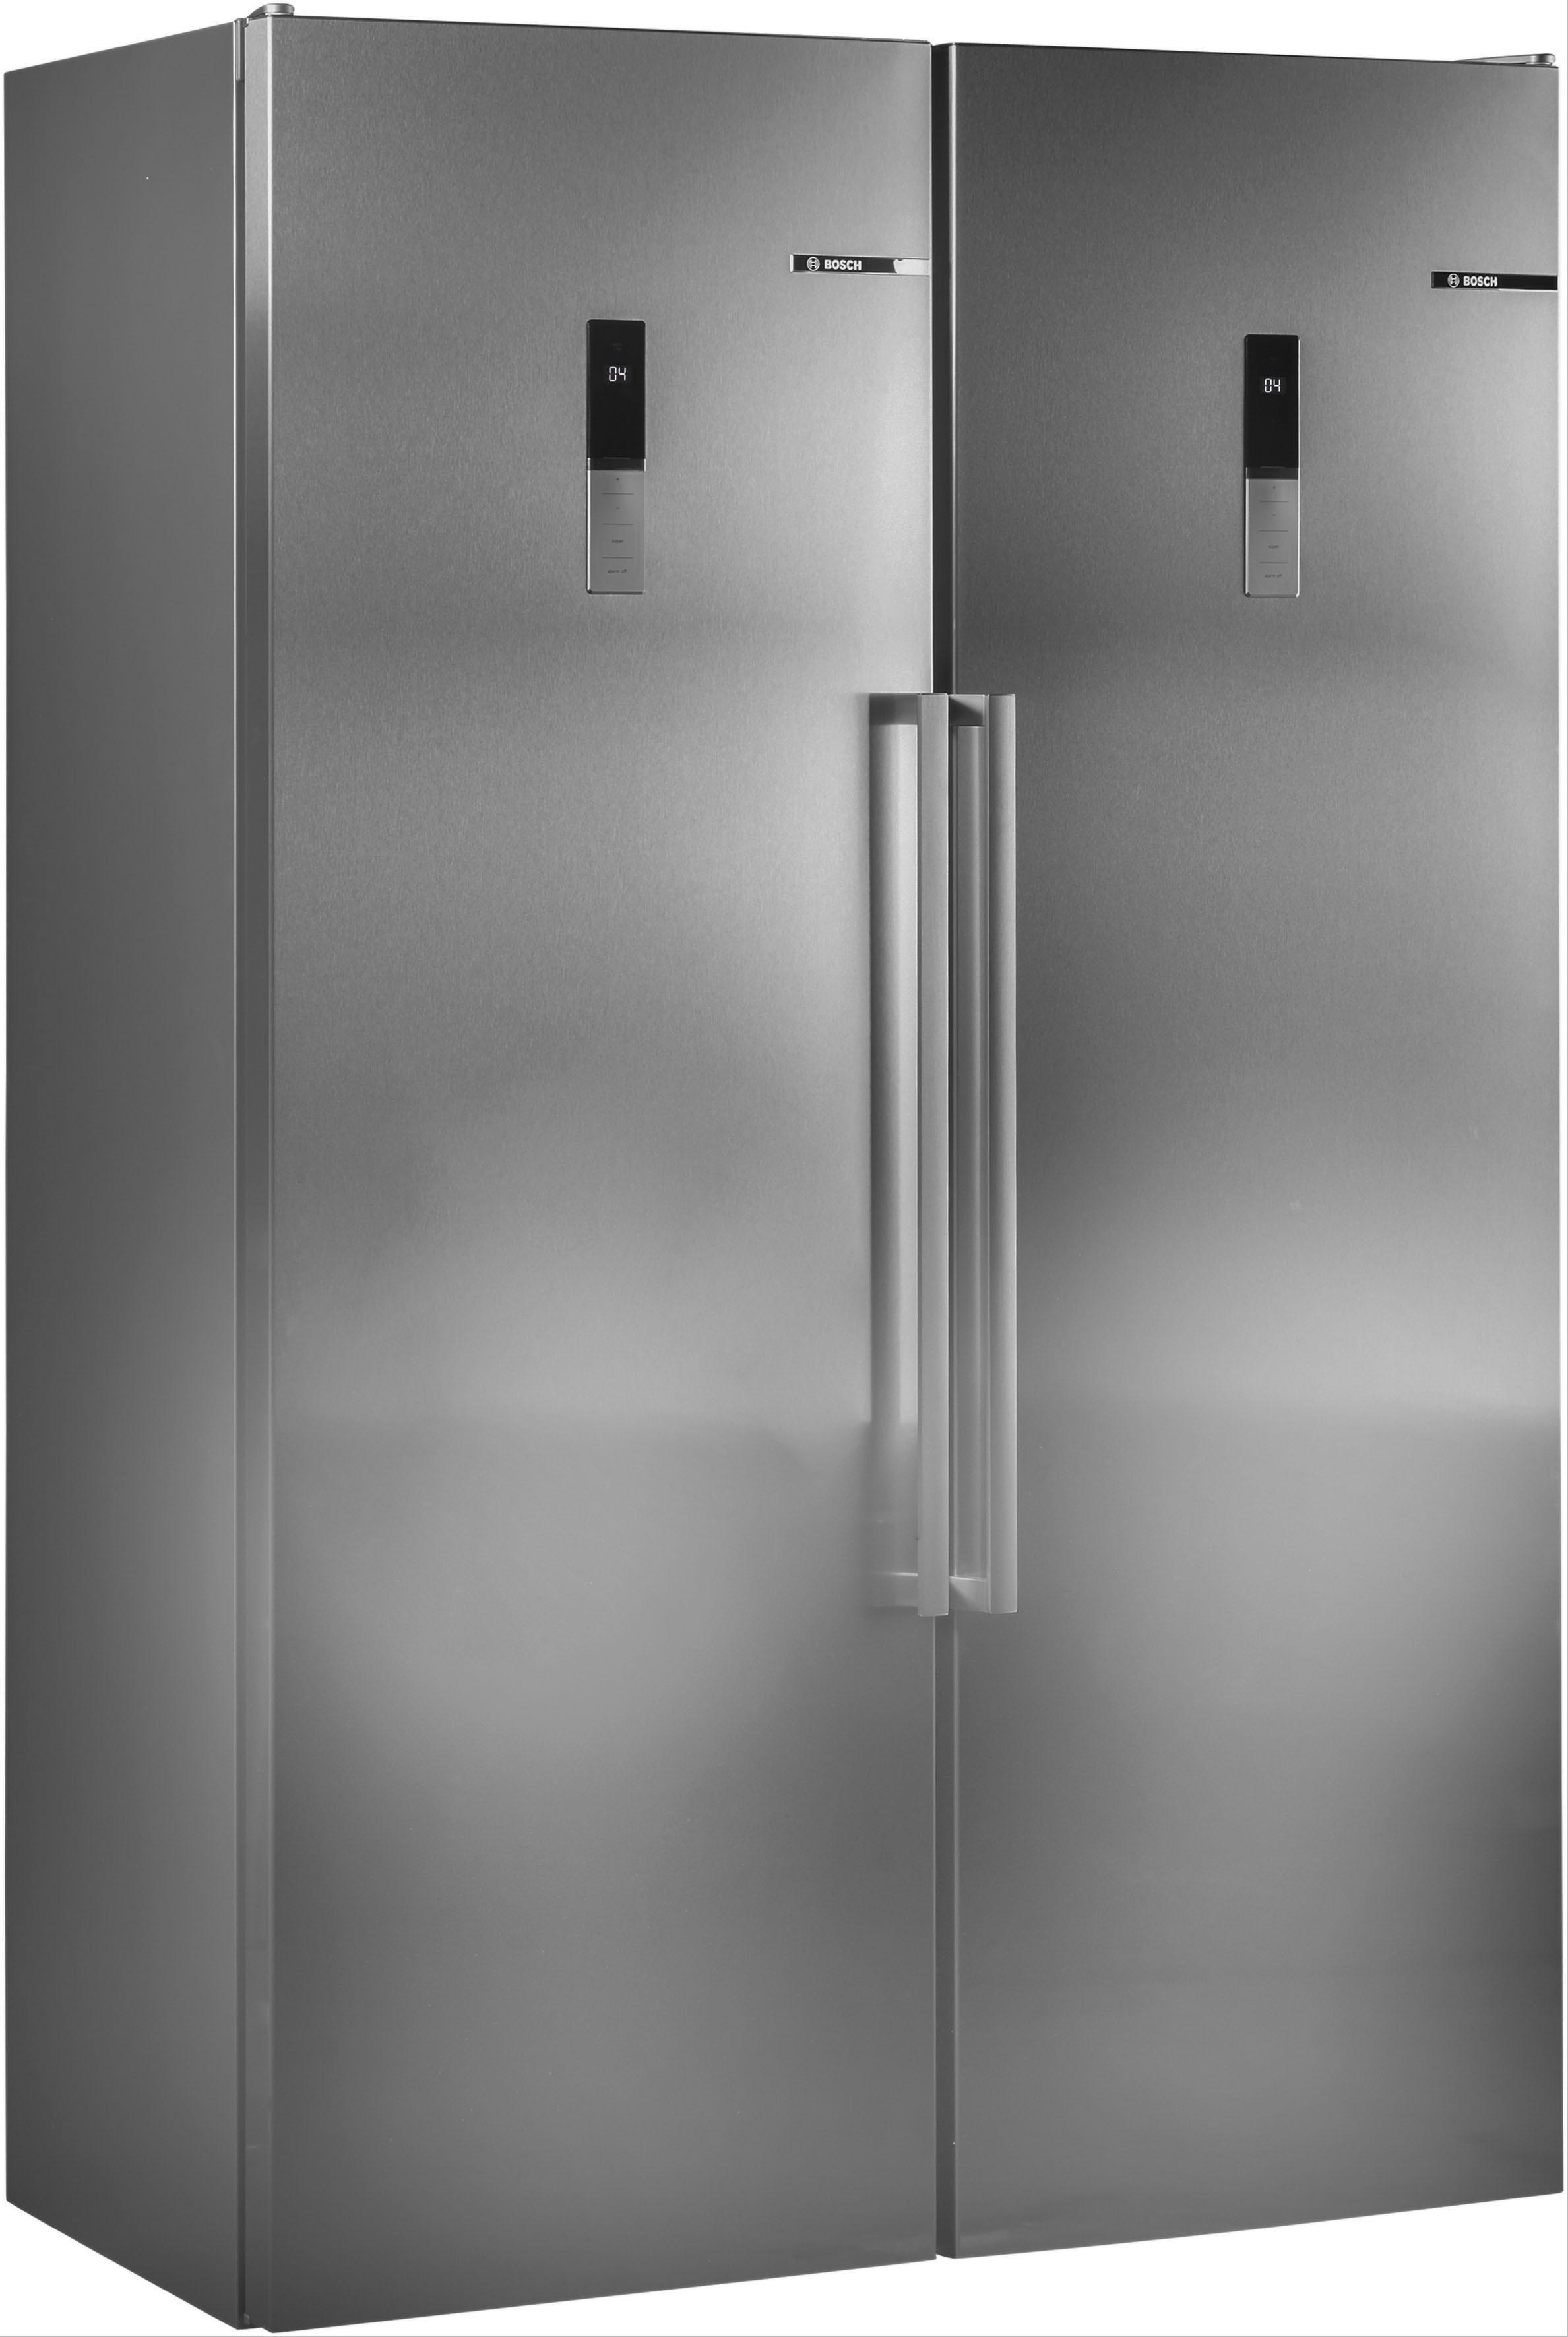 Bosch side-by-side-koelkast serie 6, 187 cm hoog, 120 cm breed bij OTTO online kopen